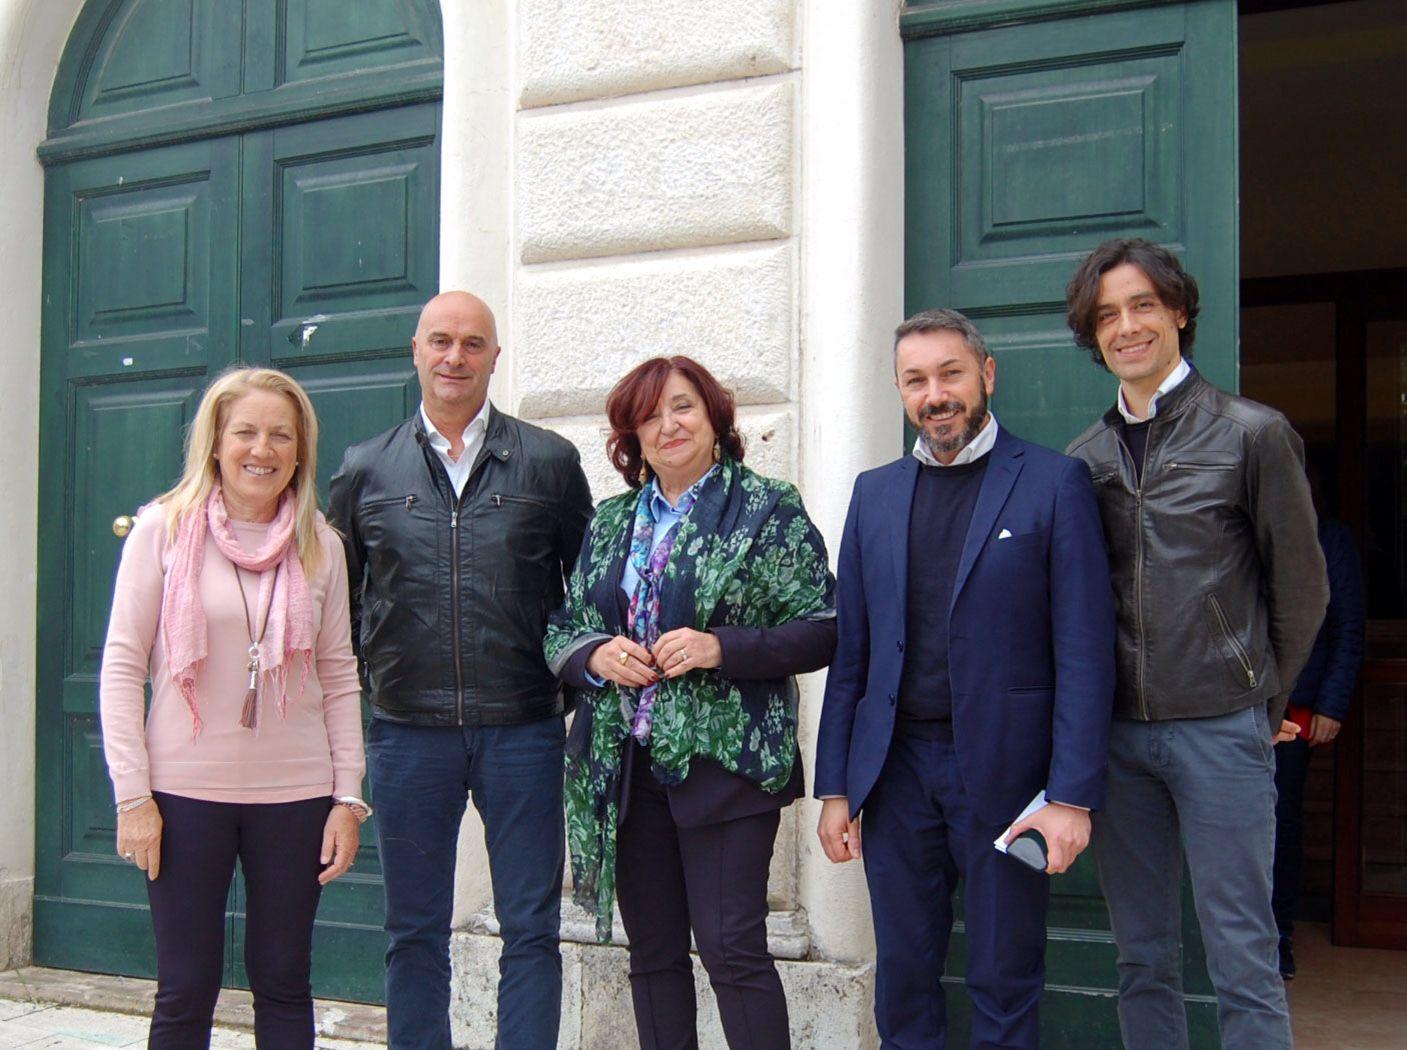 Settimana del turismo, conferenza di chiusura al teatro Talia di Tagliacozzo